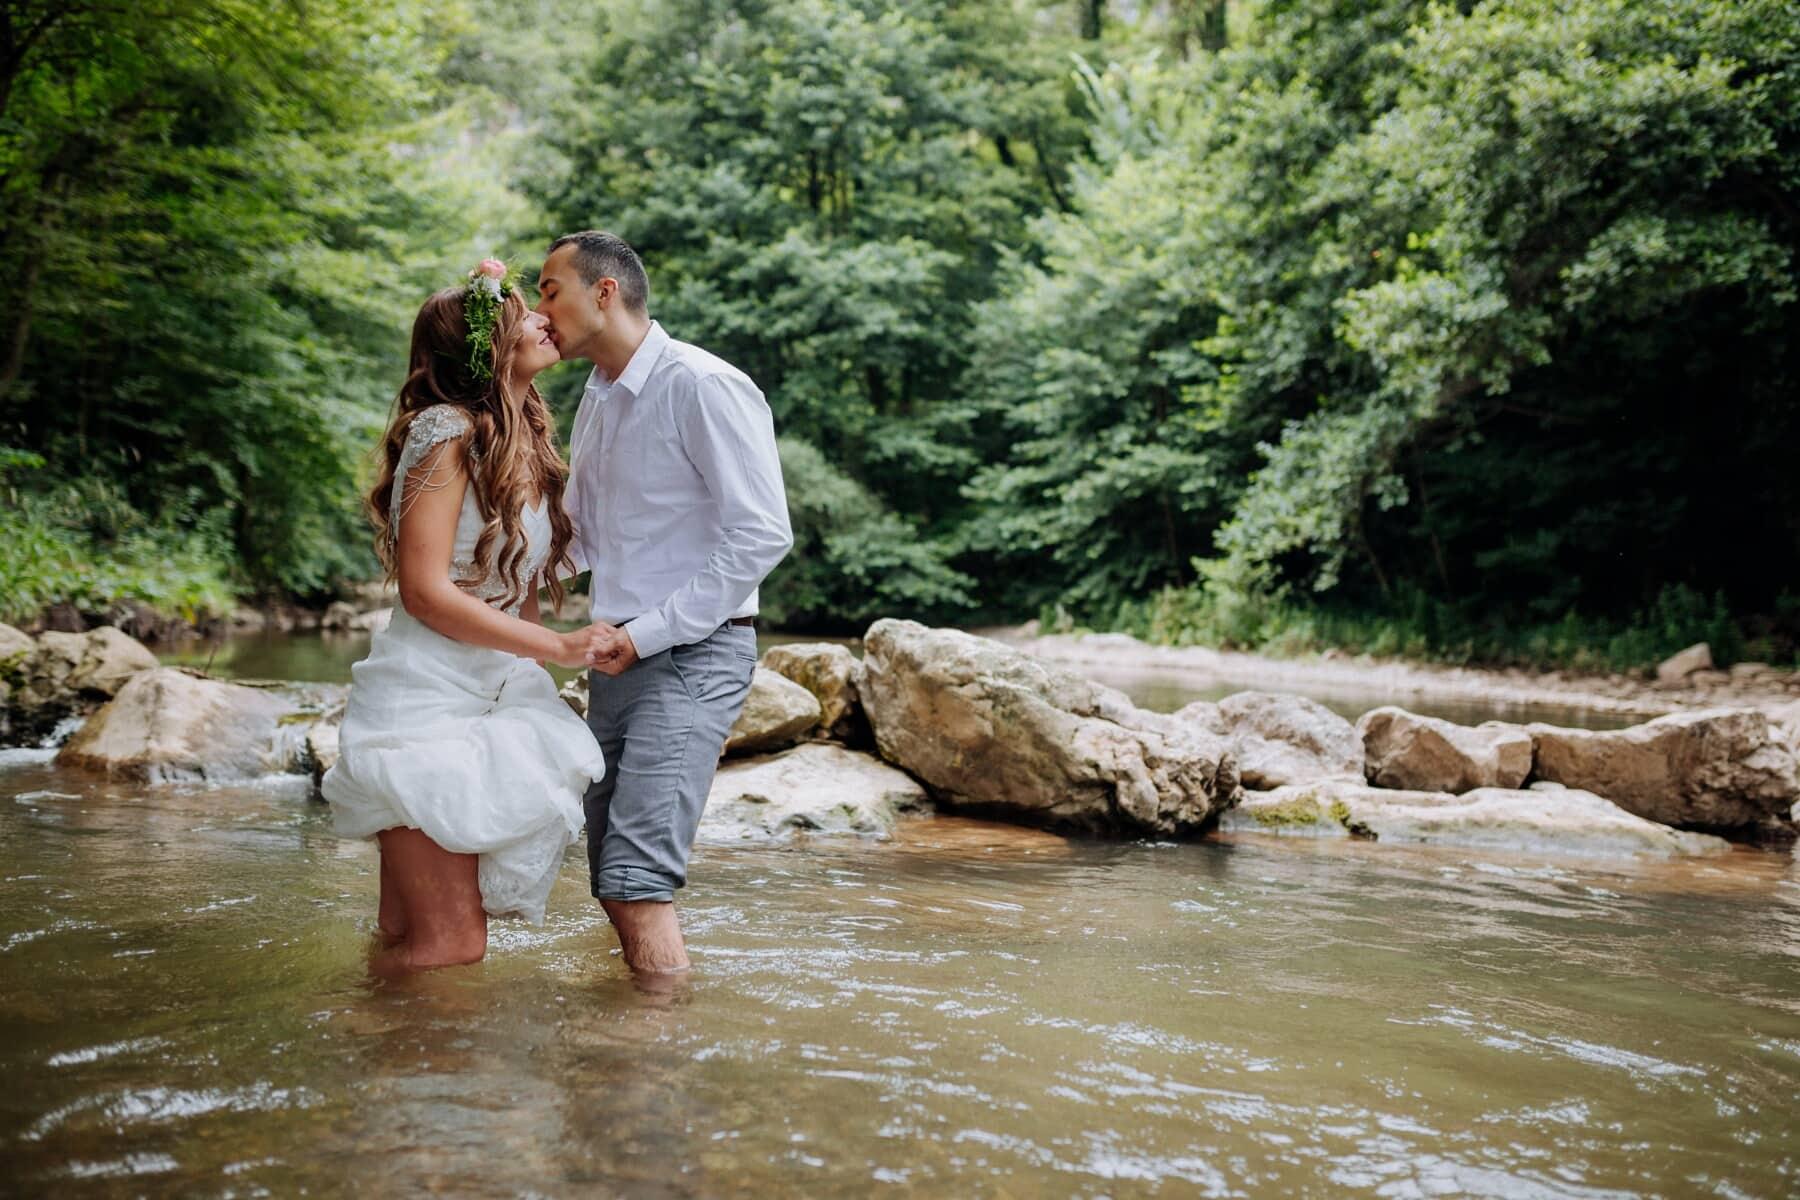 Φιλί, γυναίκα, άνθρωπος, νερό, ποταμάκι, στέκεται, Ποταμός, Αγάπη, φύση, συντροφικότητα